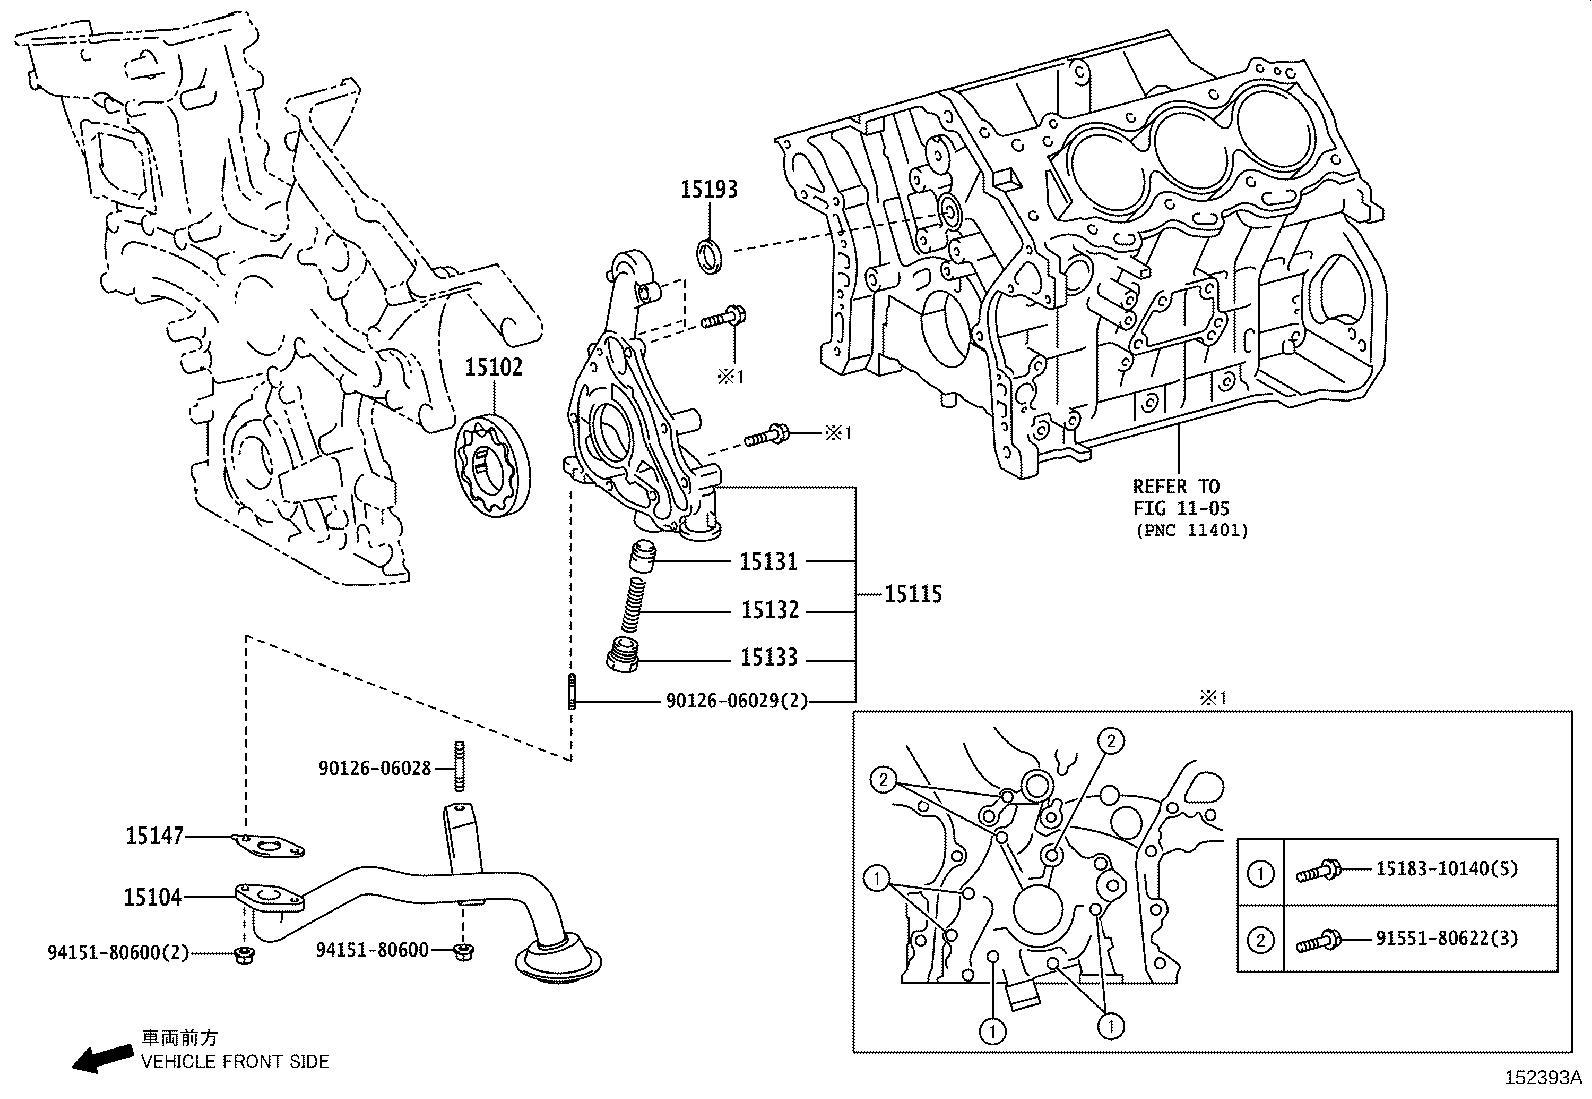 Lexus Is 350 Strainer Sub